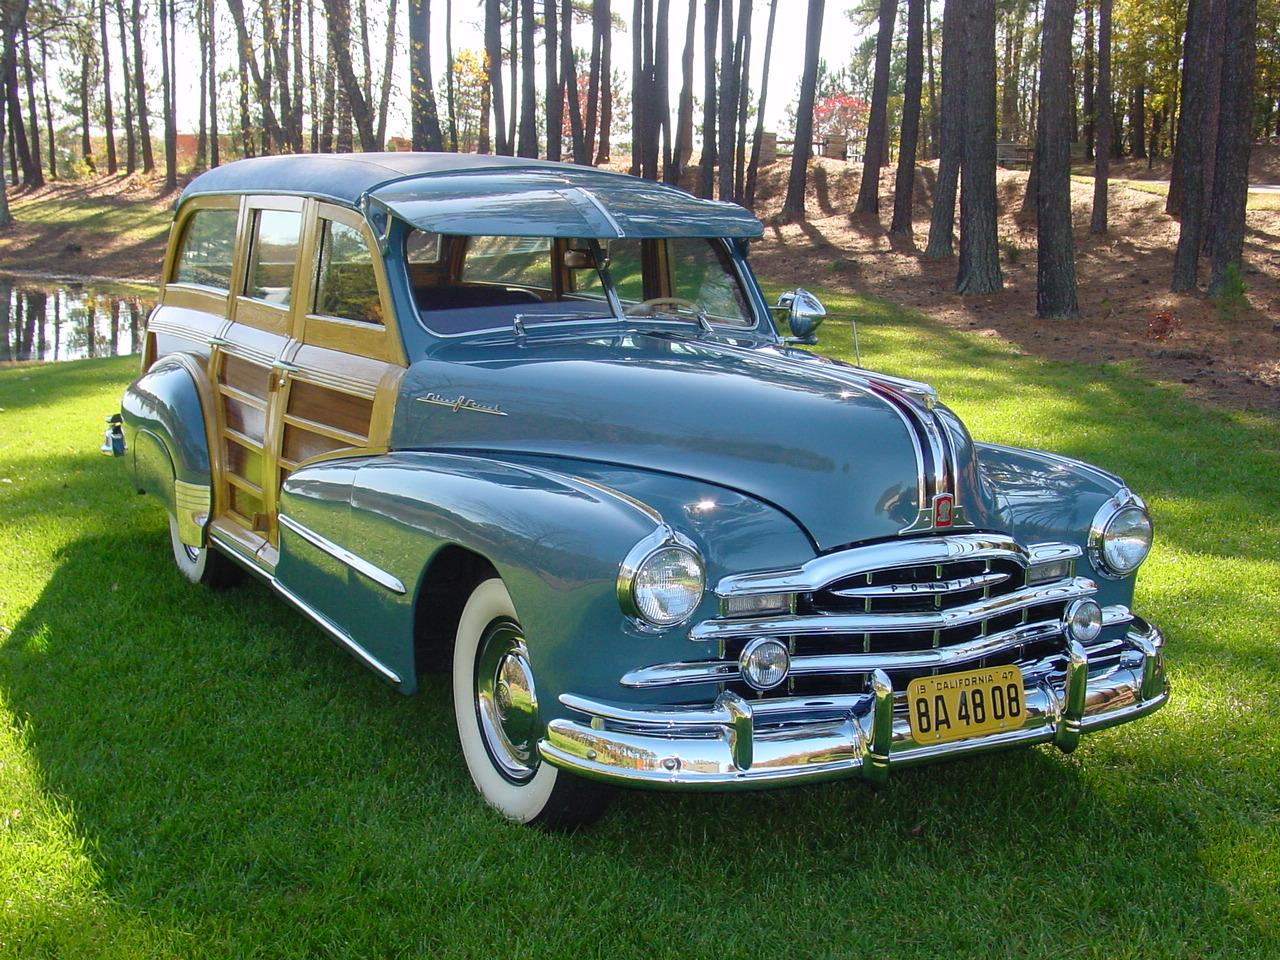 1948 Pontiac Streamline Deluxe Woody Wagon